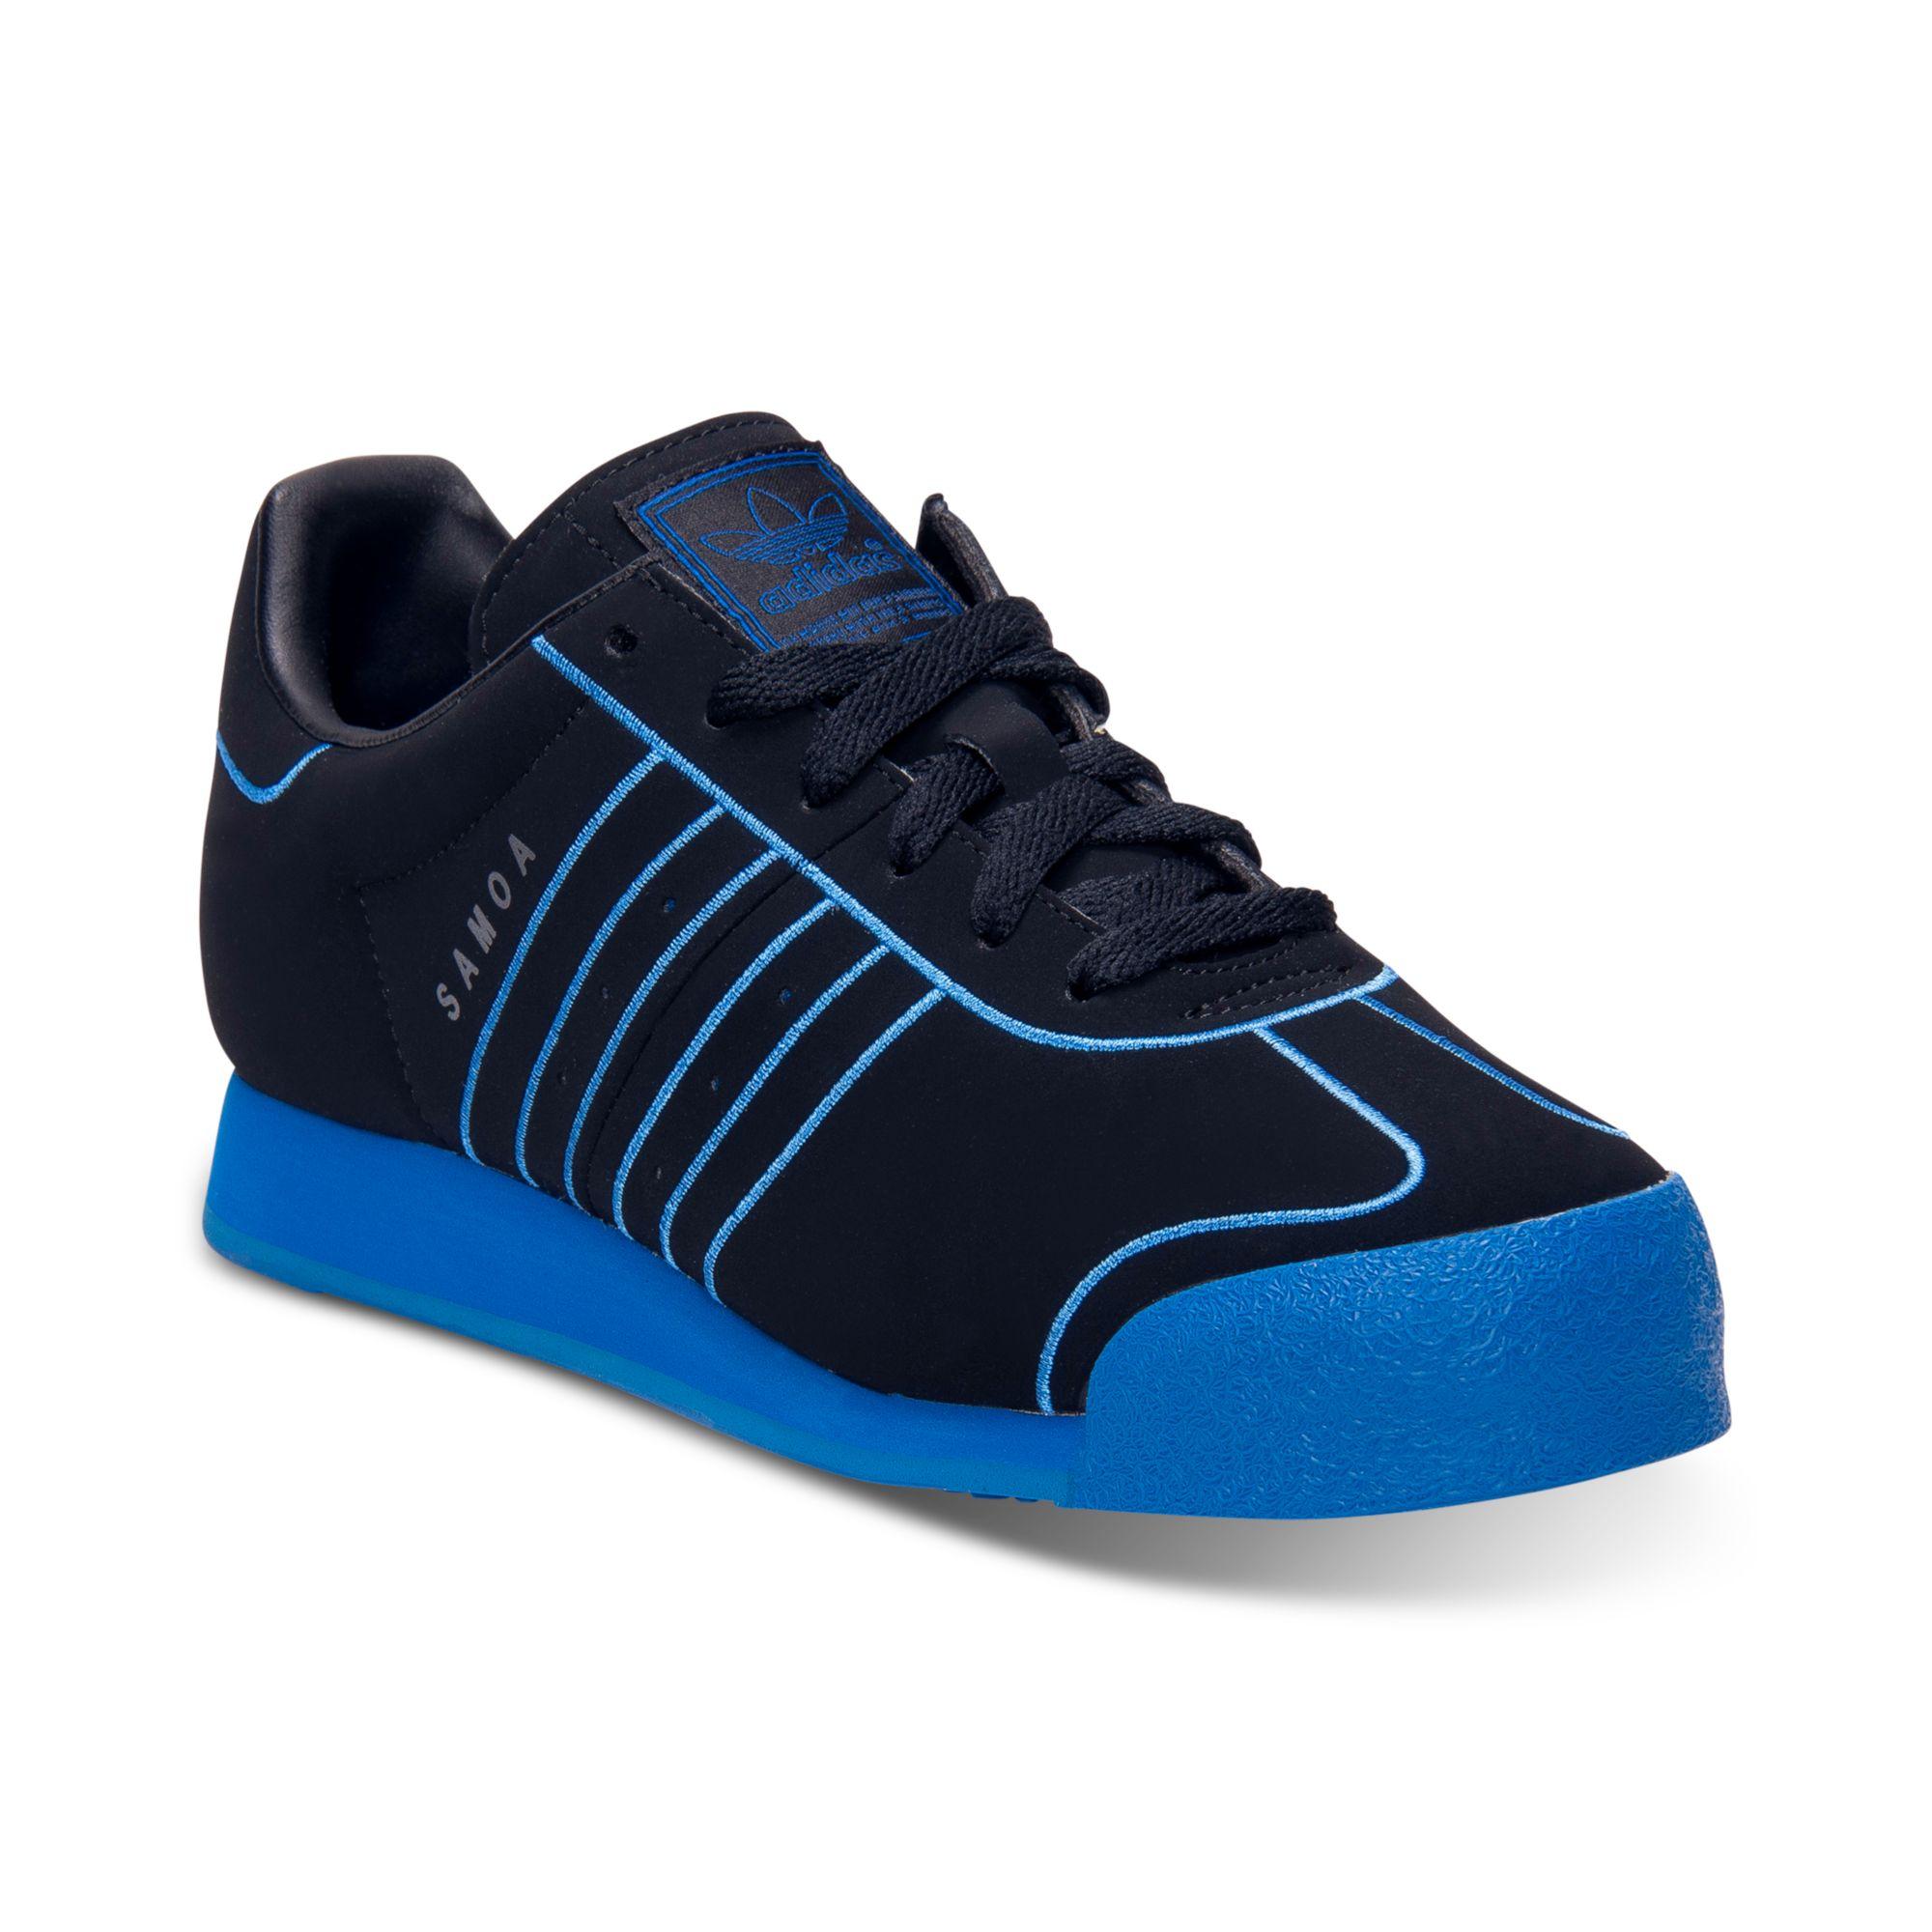 Adidas Casual Shoes Jabong